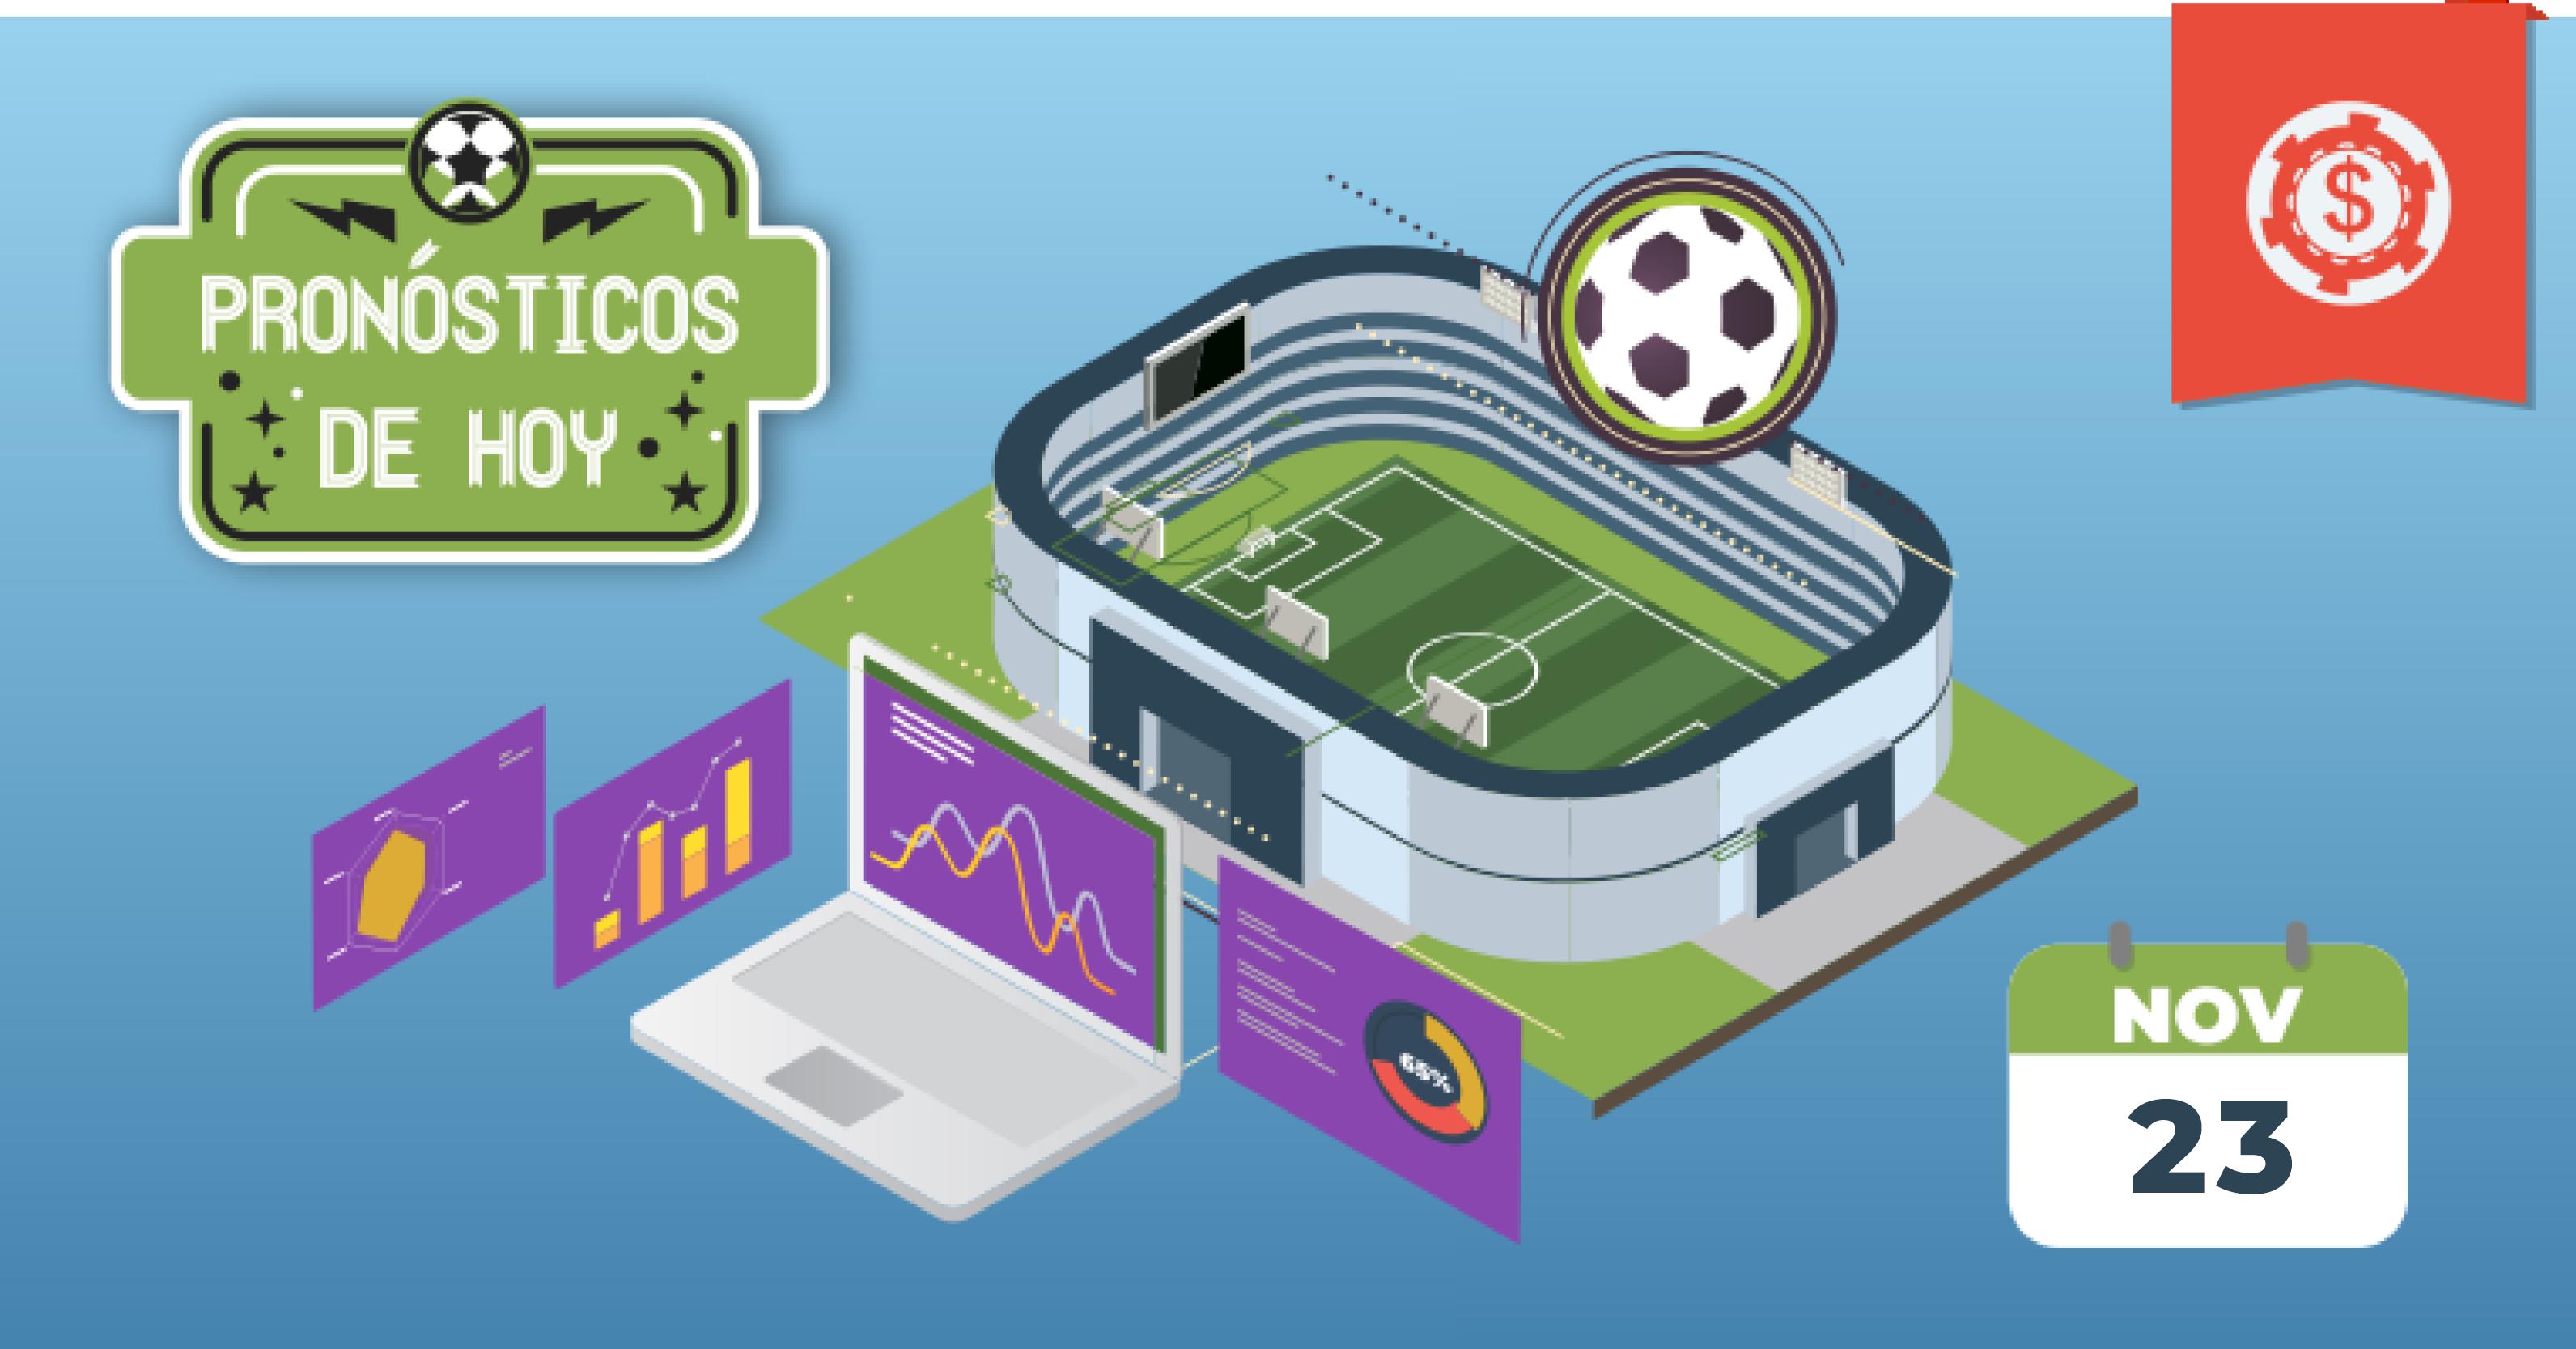 pronosticos-futbol-hoy-predicciones-23-noviembre-2019-1